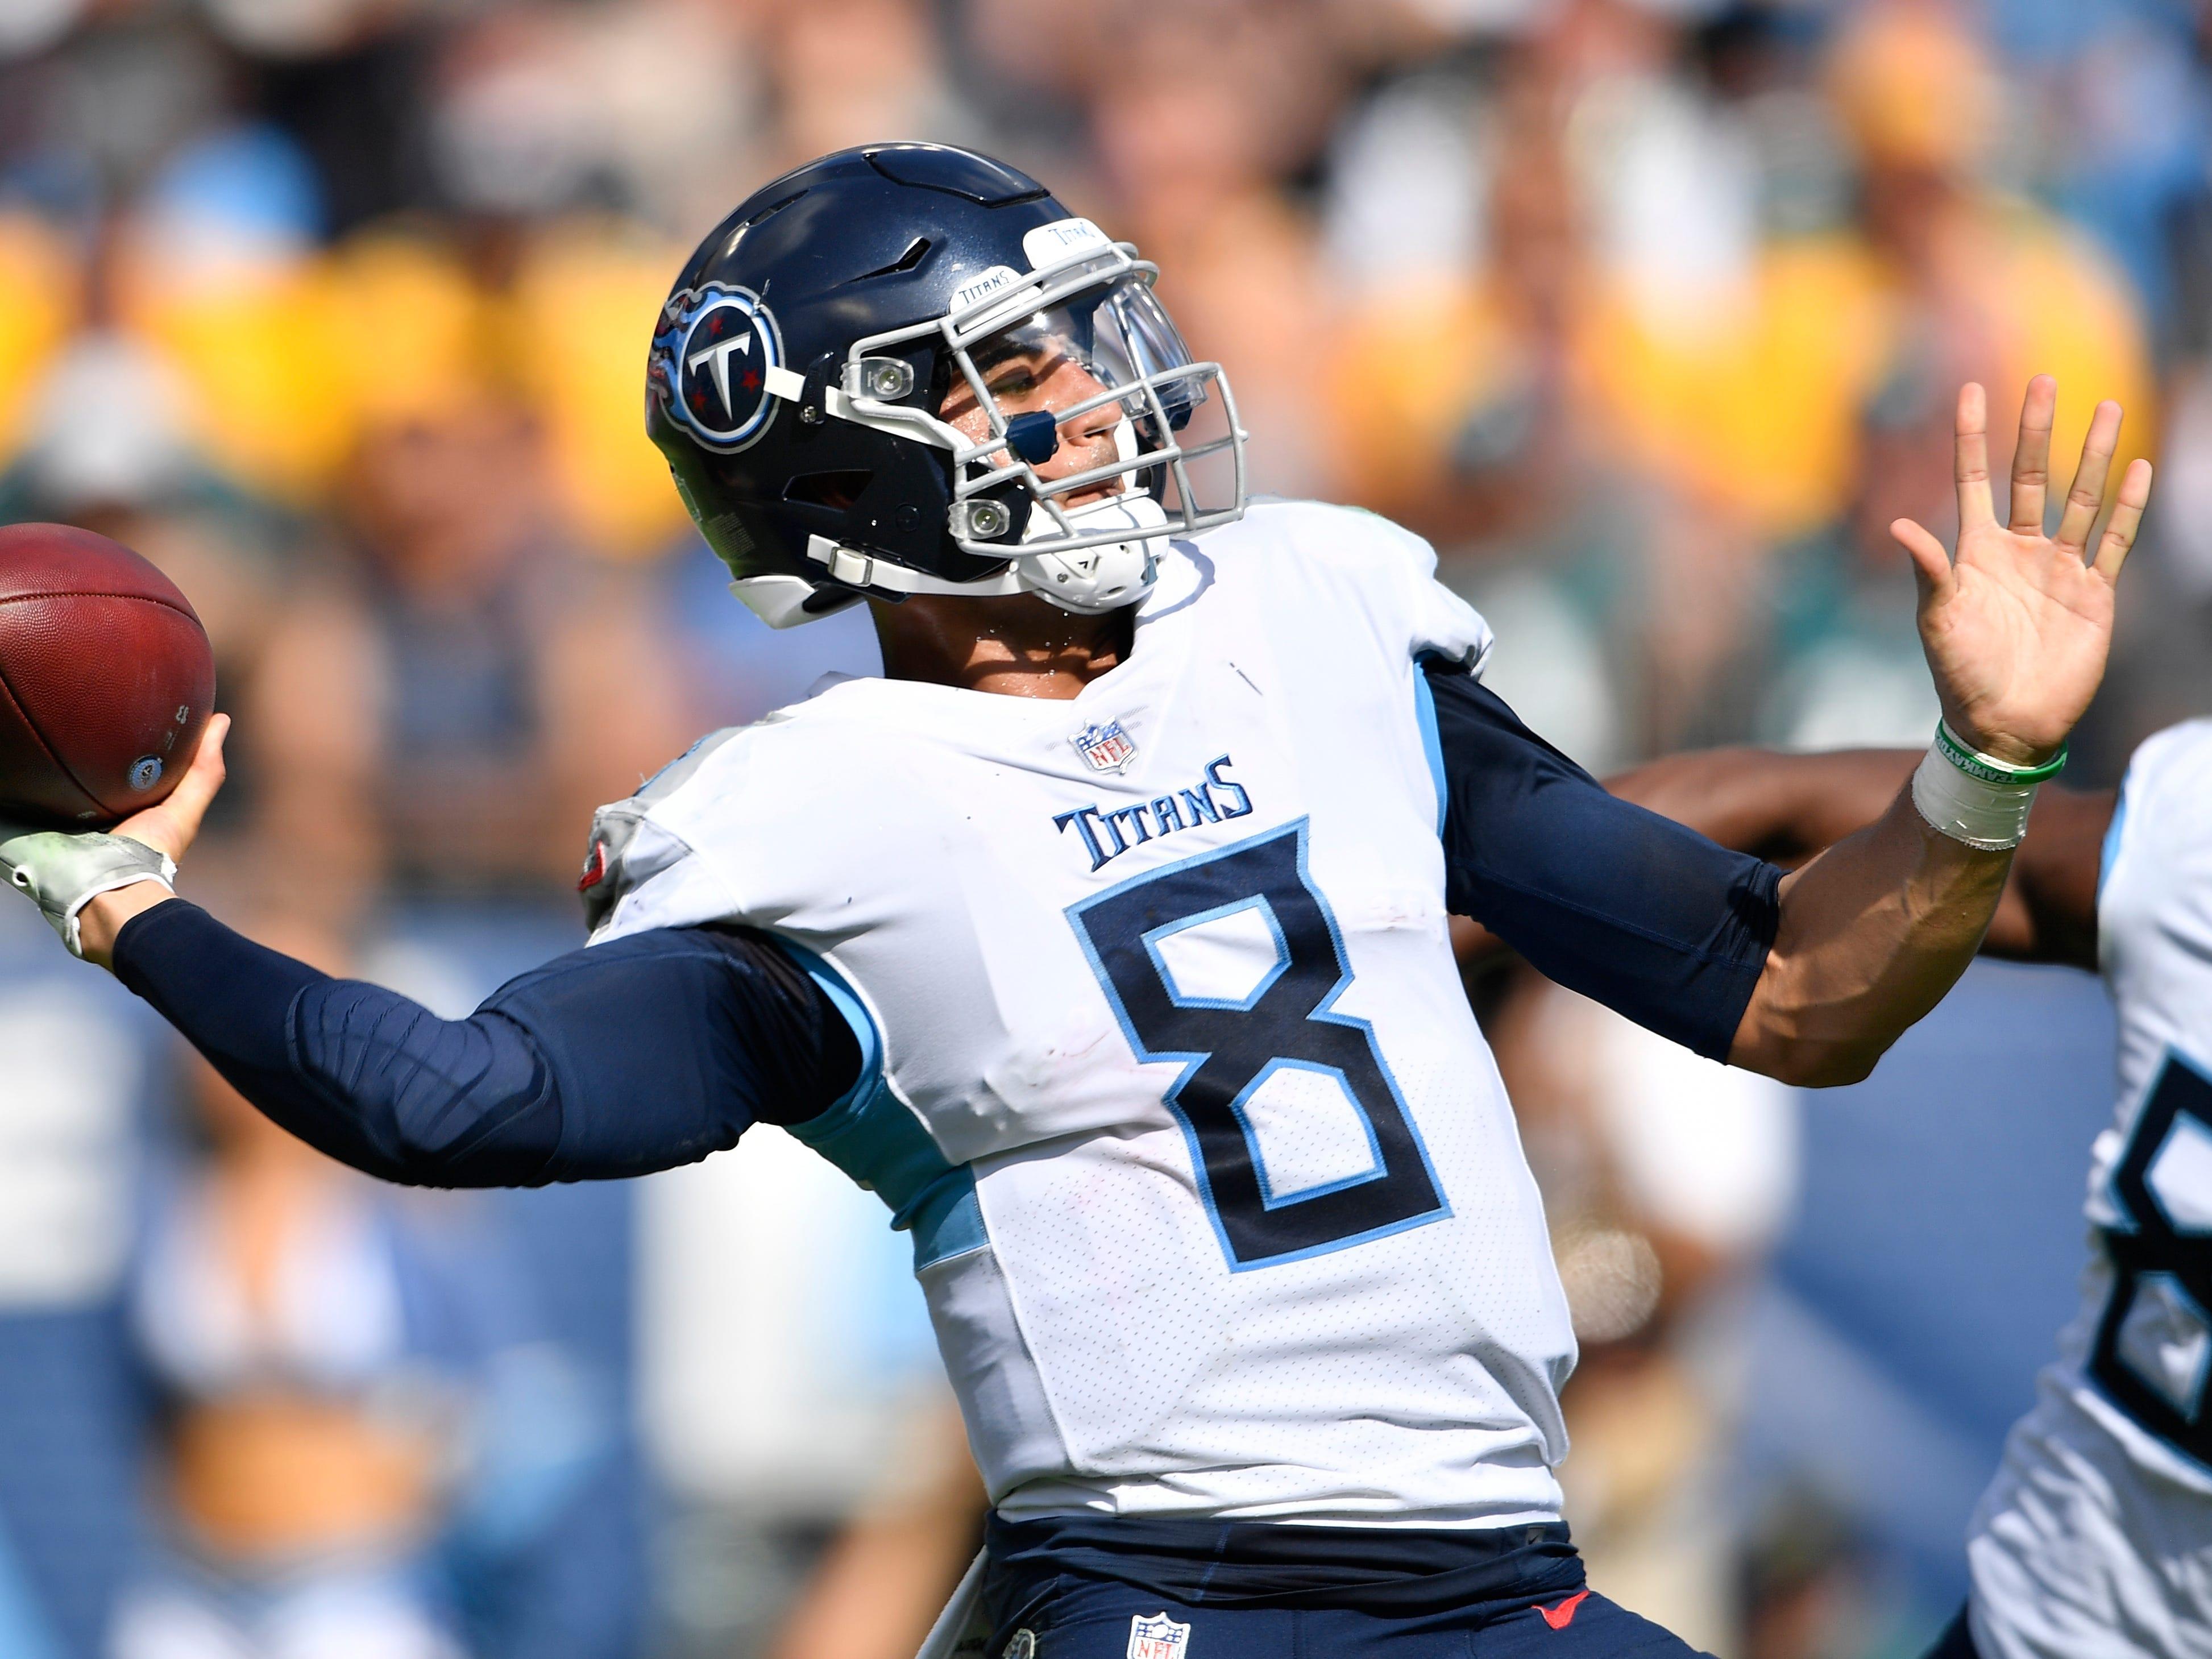 Titans quarterback Marcus Mariota (8) throws in the fourth quarter at Nissan Stadium Sunday, Sept. 30, 2018, in Nashville, Tenn.